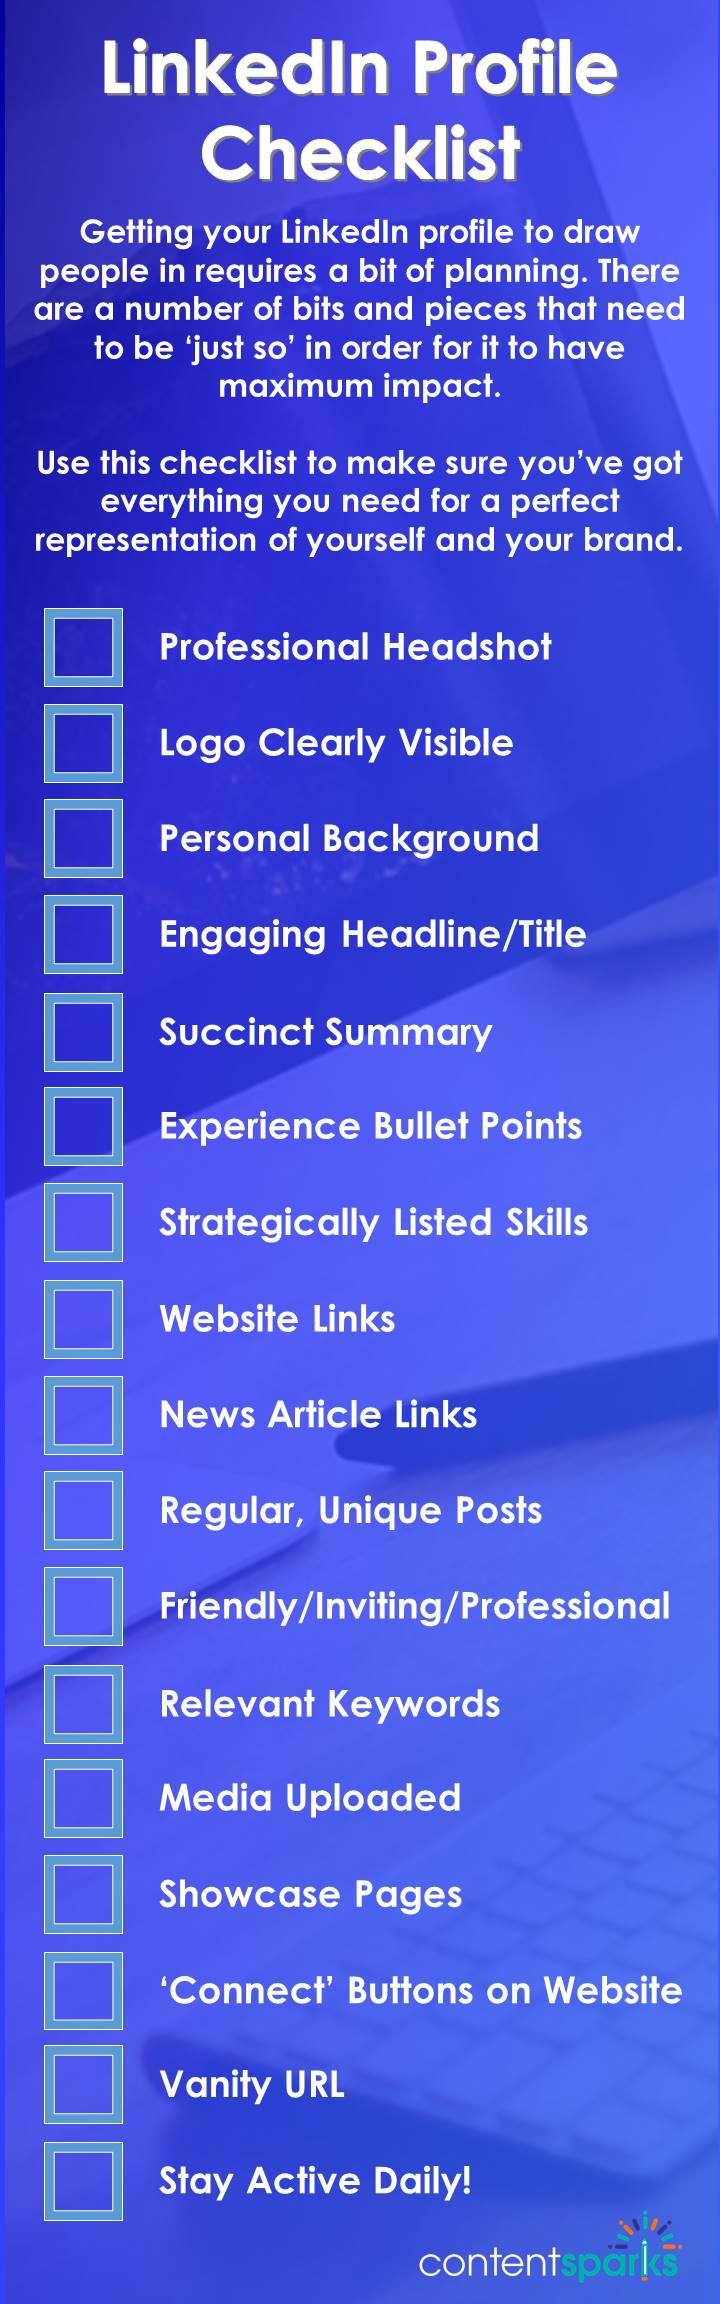 Checklist for LinkedIn Profile